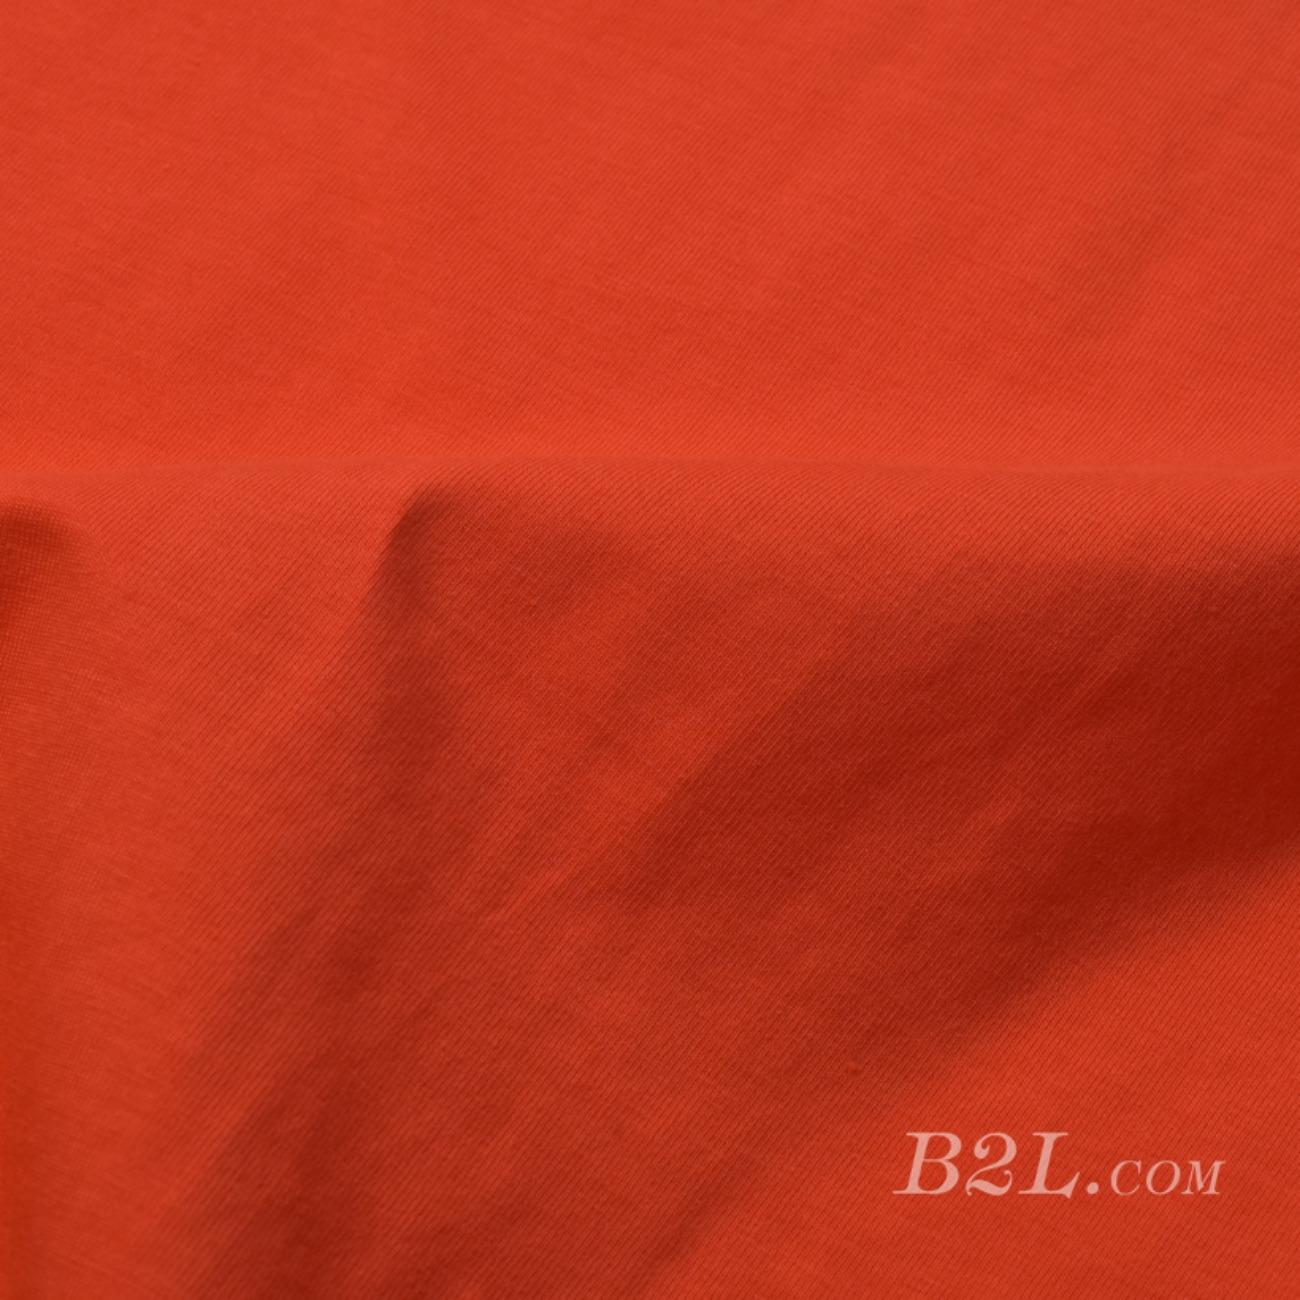 梭织染色素色冰瓷棉面料-春秋T恤运动服休闲服面料Z47